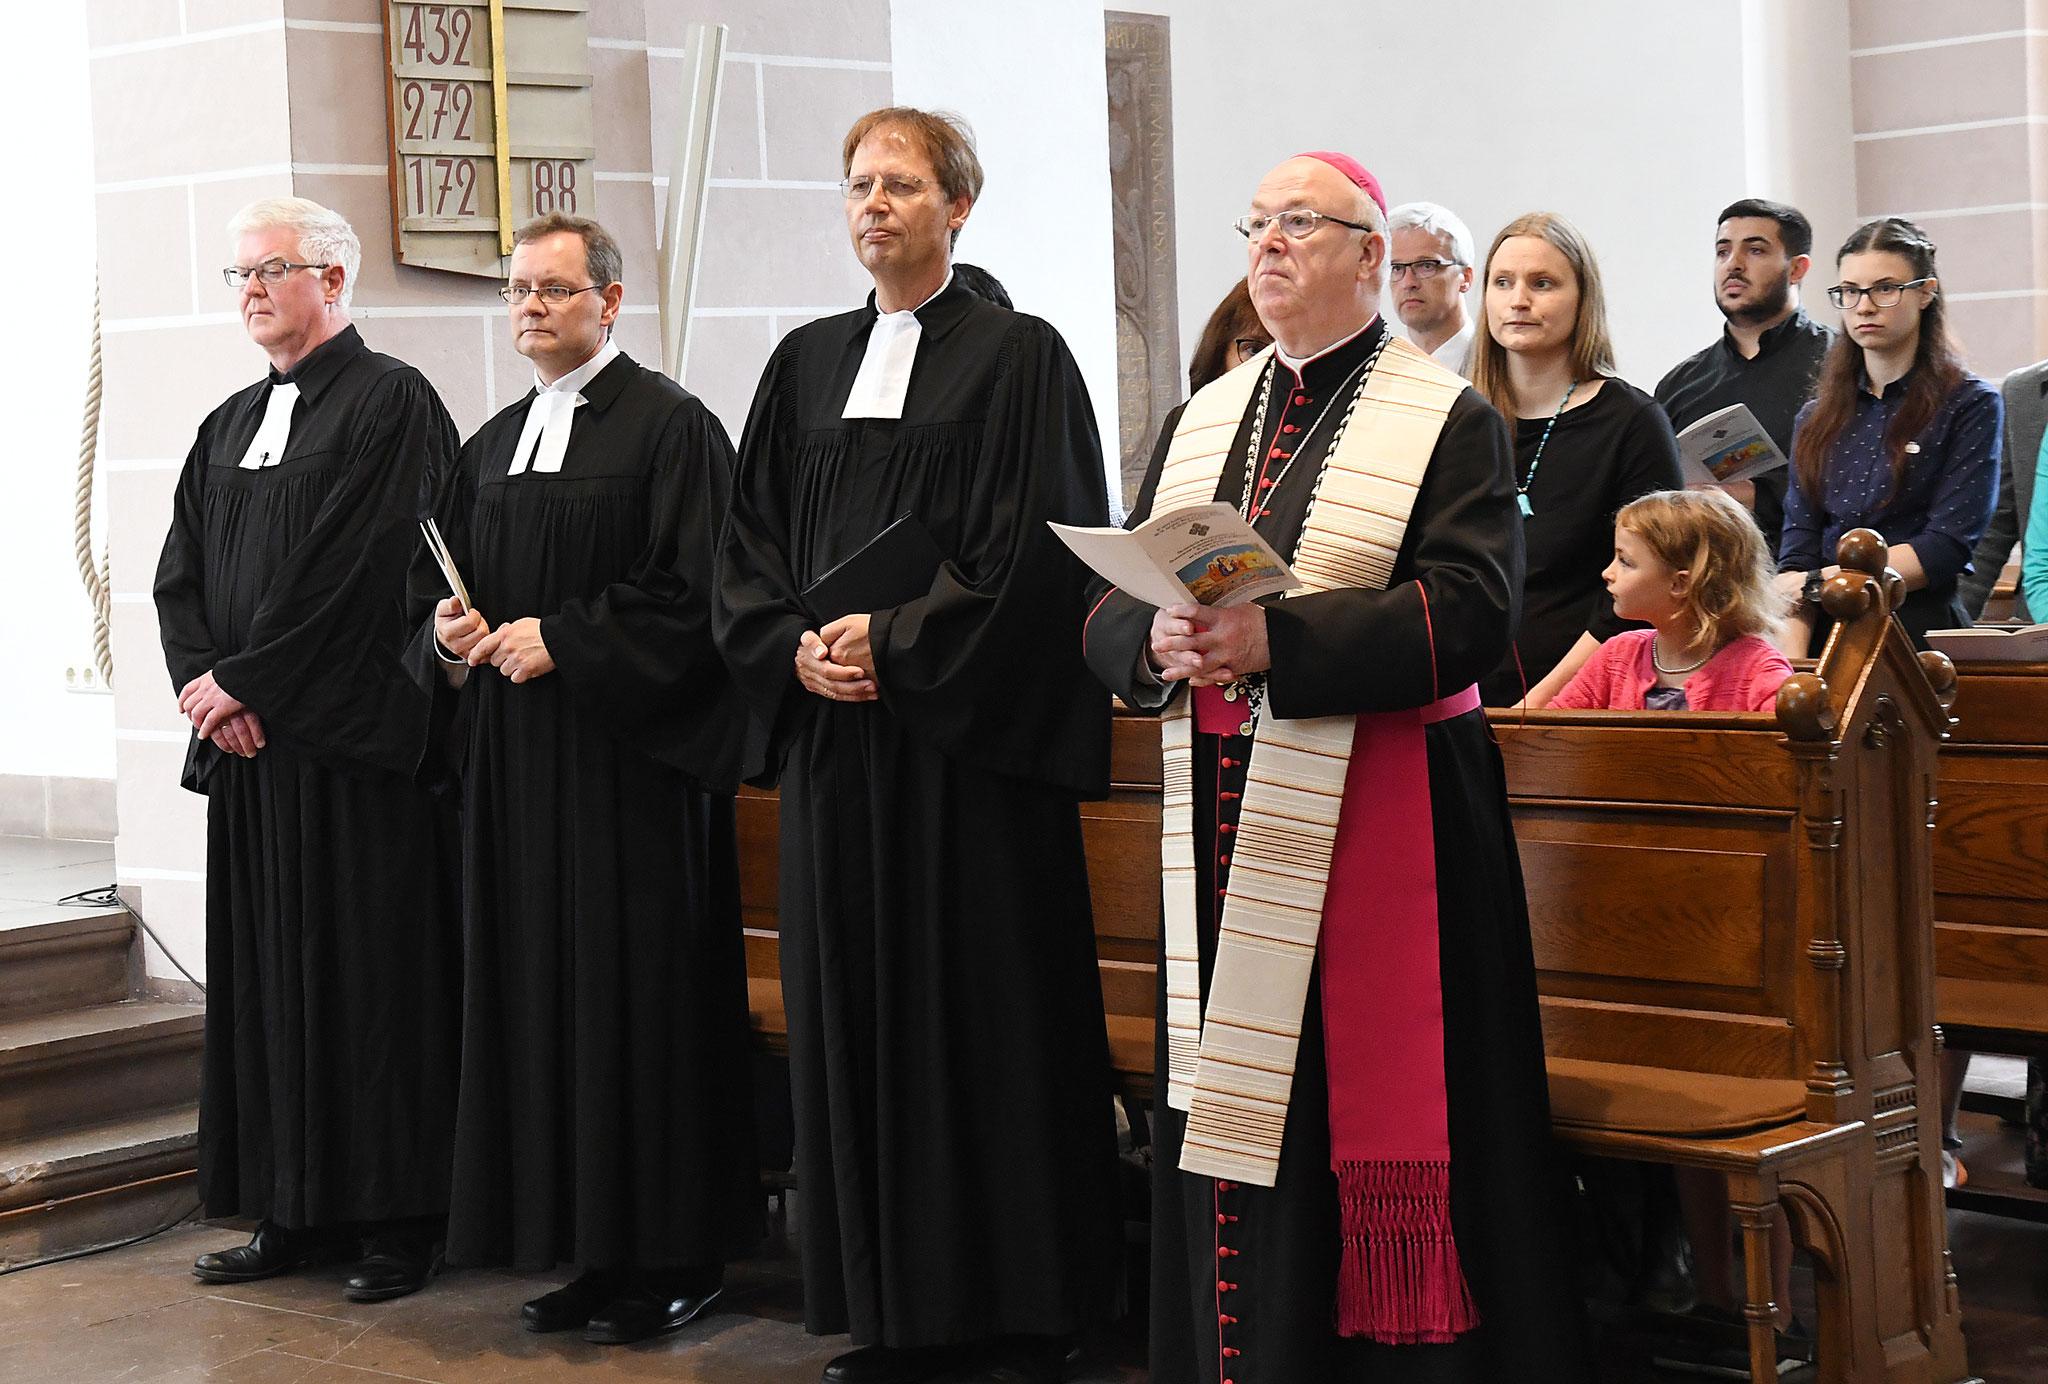 Ökumenischer Gottesdienst in der Kilianikirche in Höxter. Foto: Maria Hopp